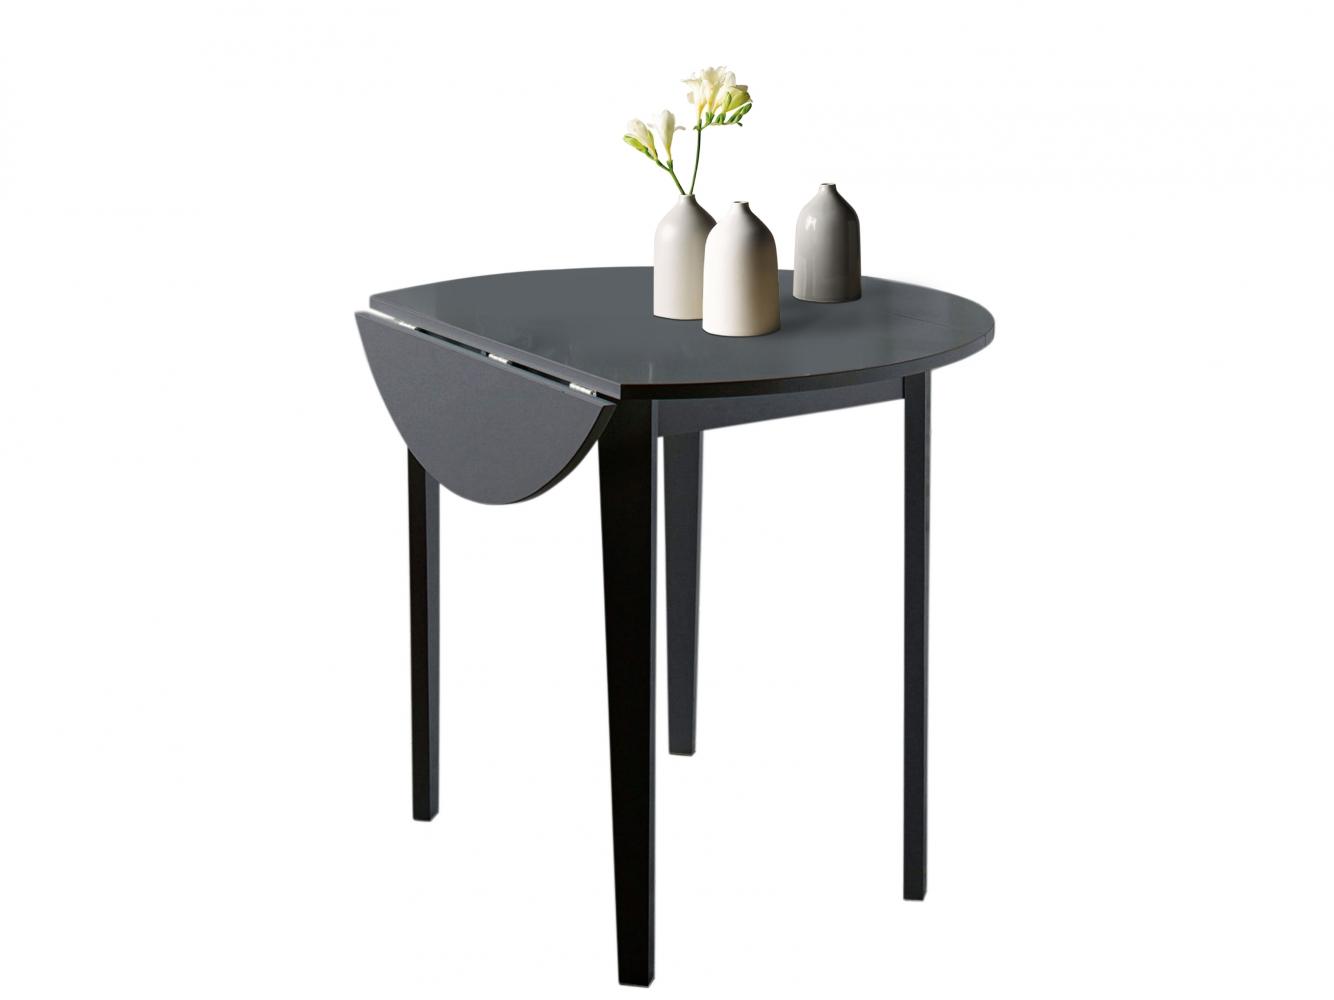 Jídelní stůl Treno, 92 cm, černá